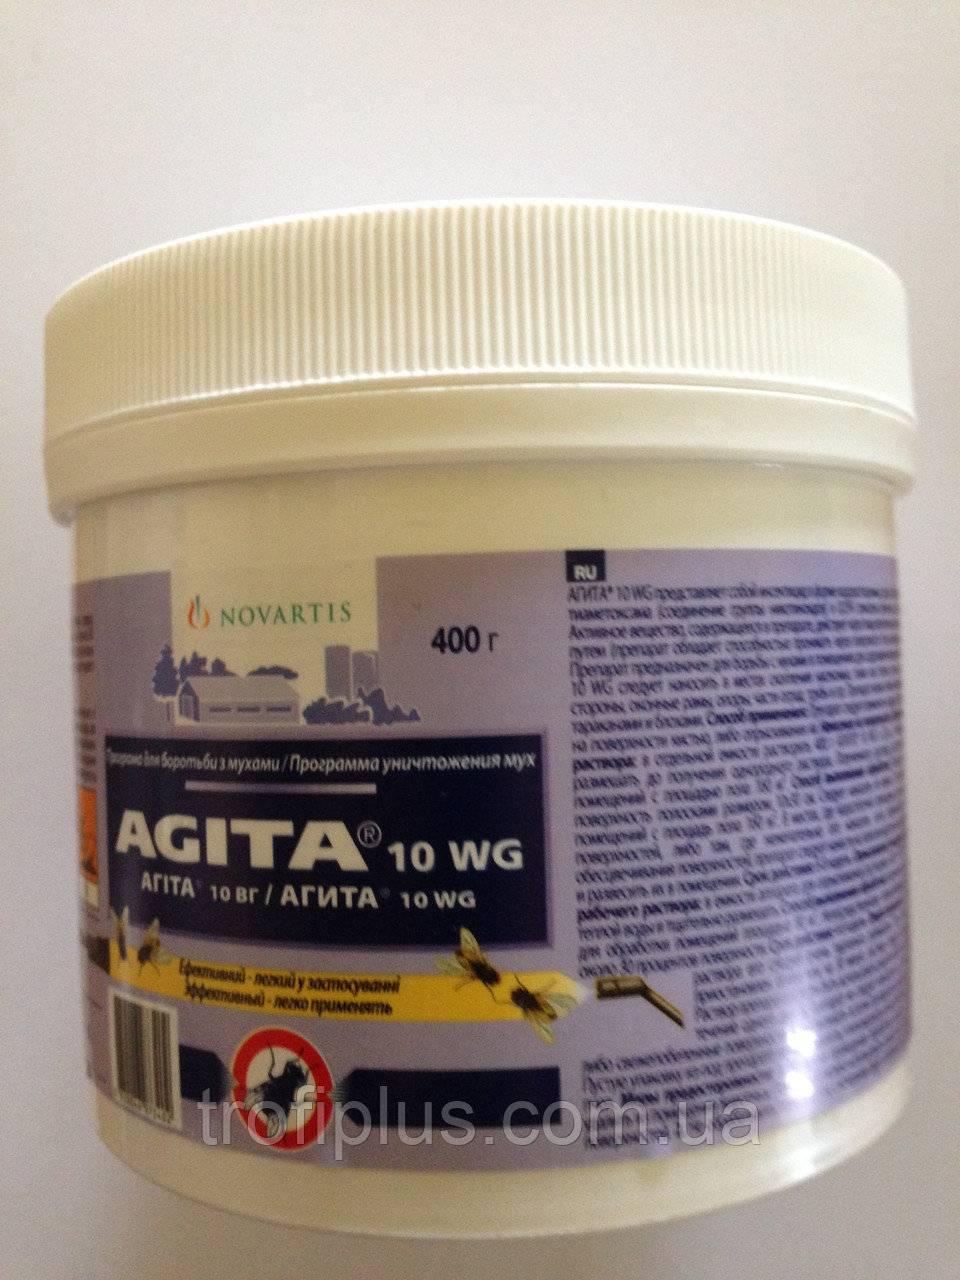 Средство агита от мух и других насекомых. применение средства агита от мух